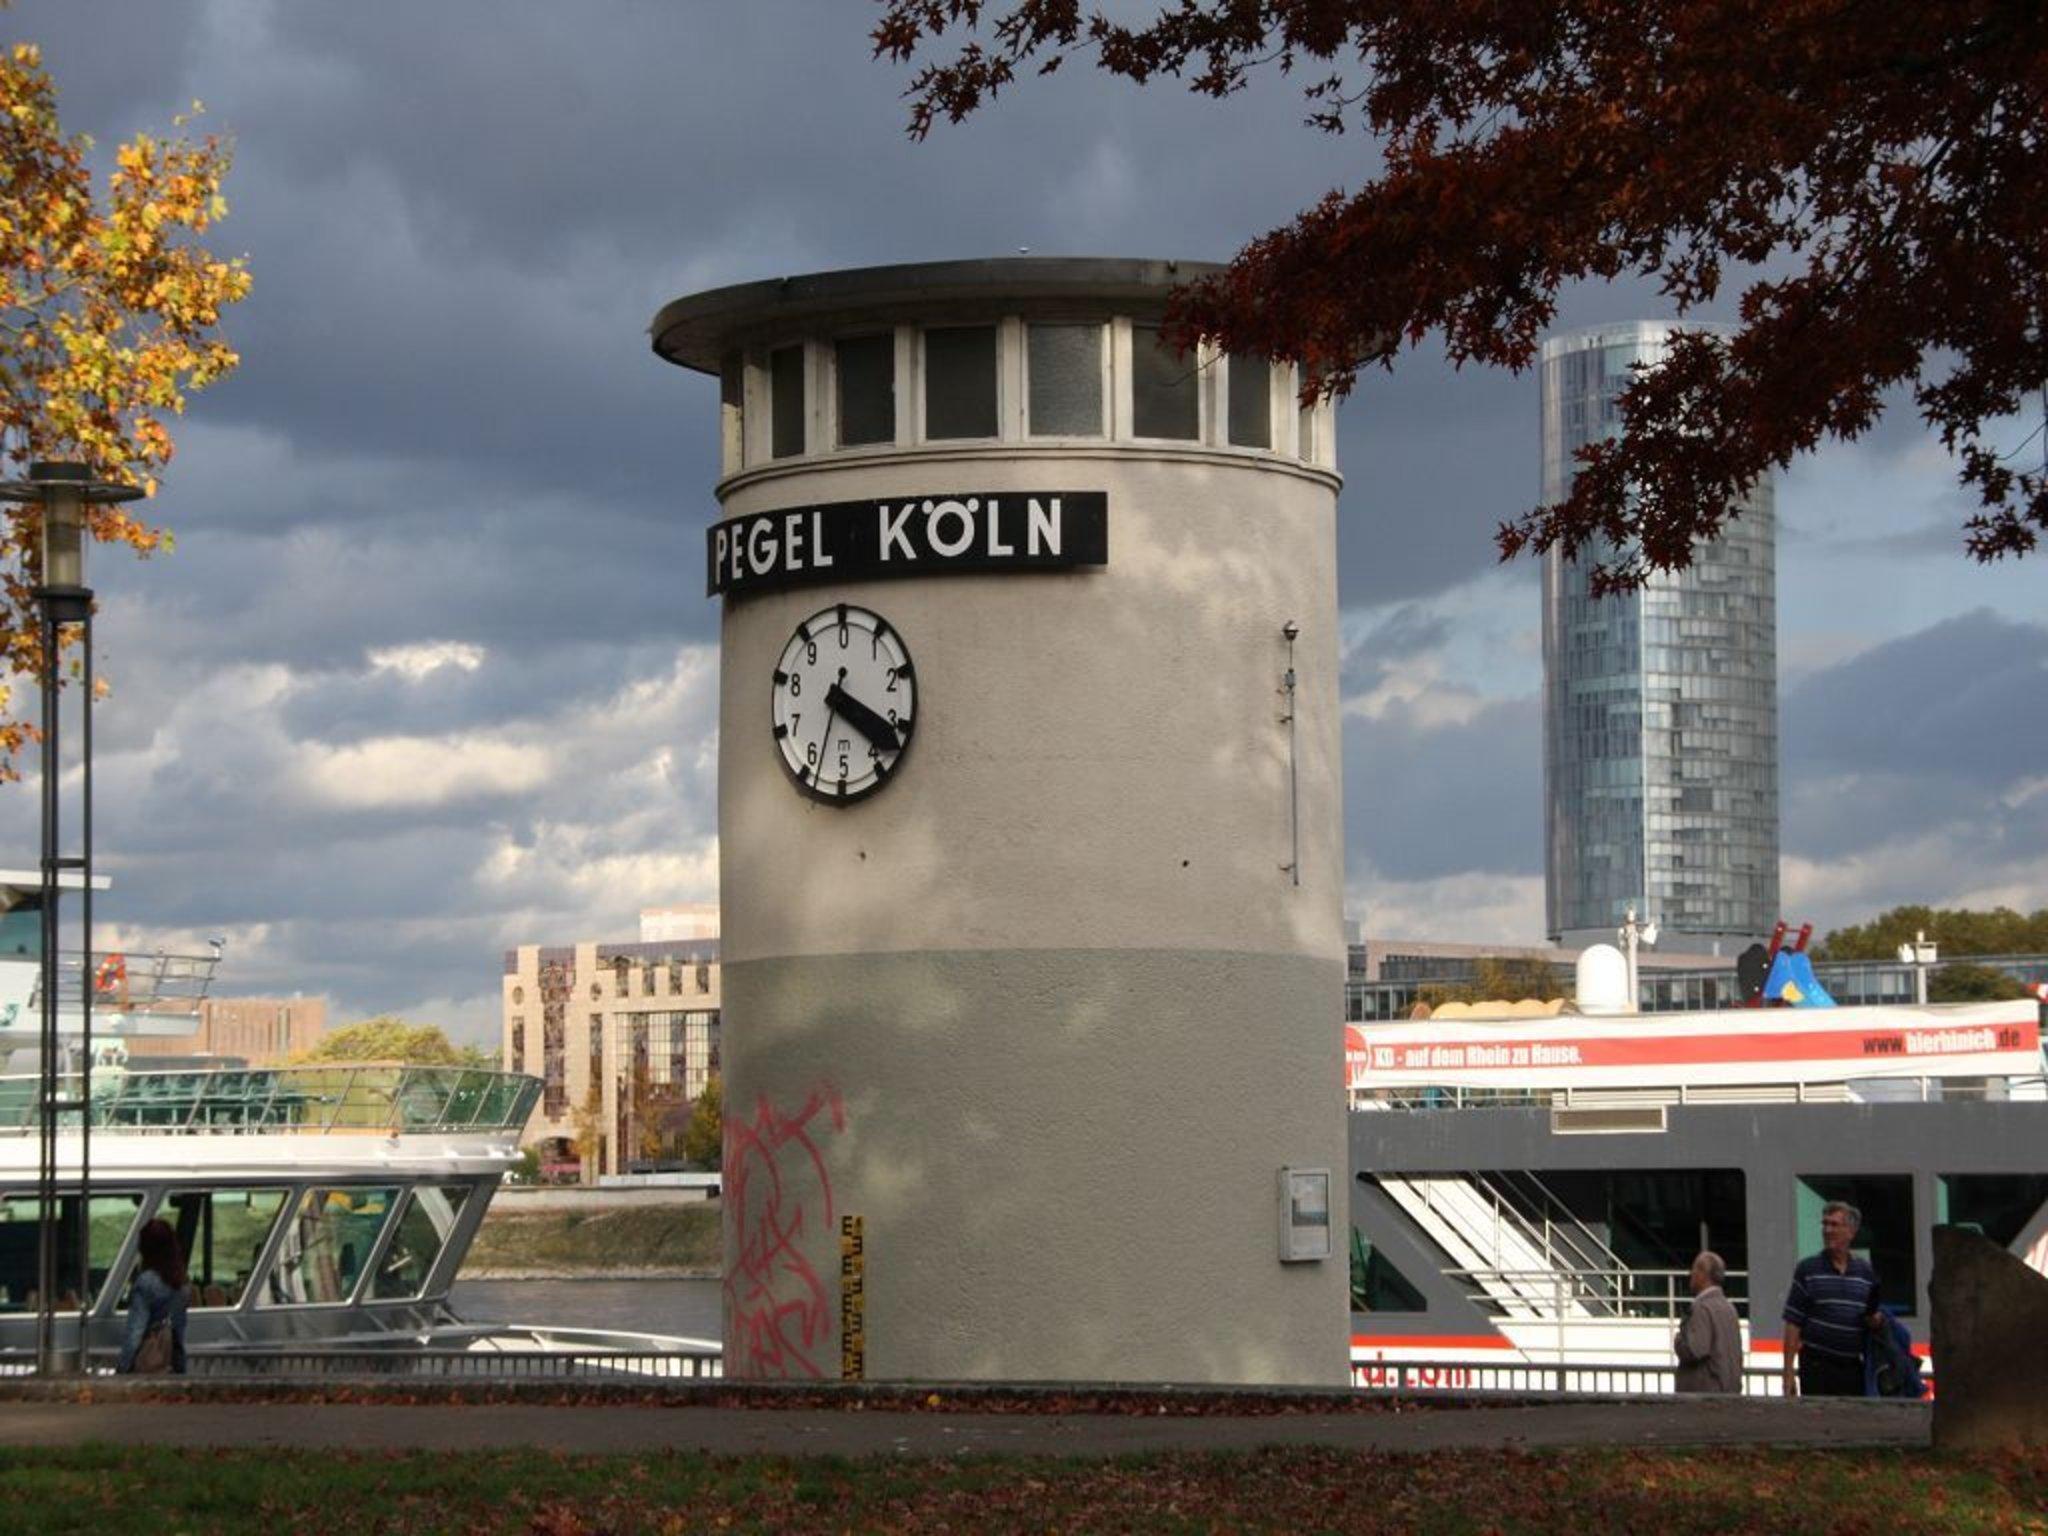 Pegel Rhein Köln